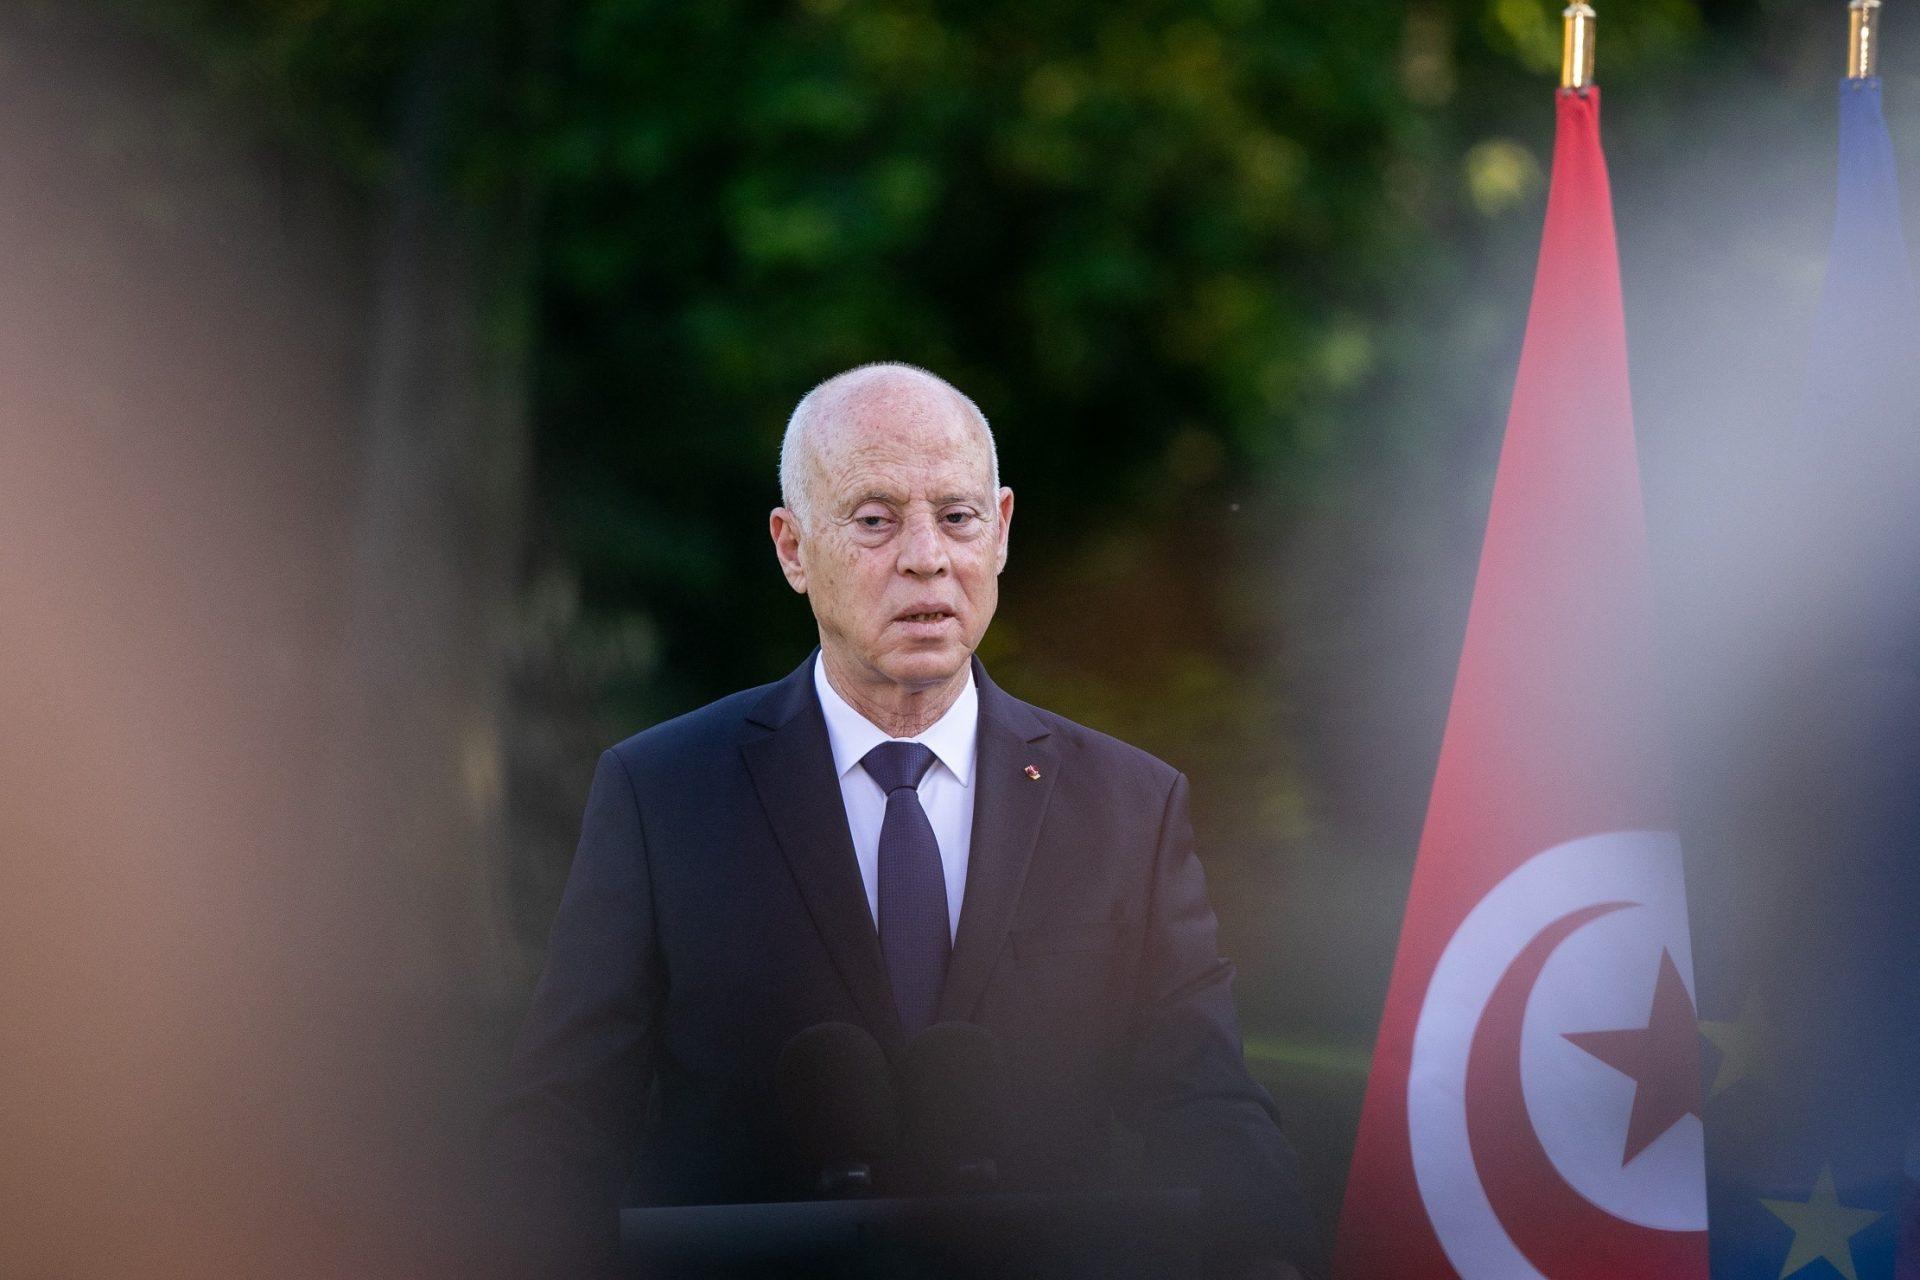 """قيس سعيد يشعل تونس غضباً بما قاله عن """"المسلمين والاسلاميين"""" وراشد الغنوشي"""